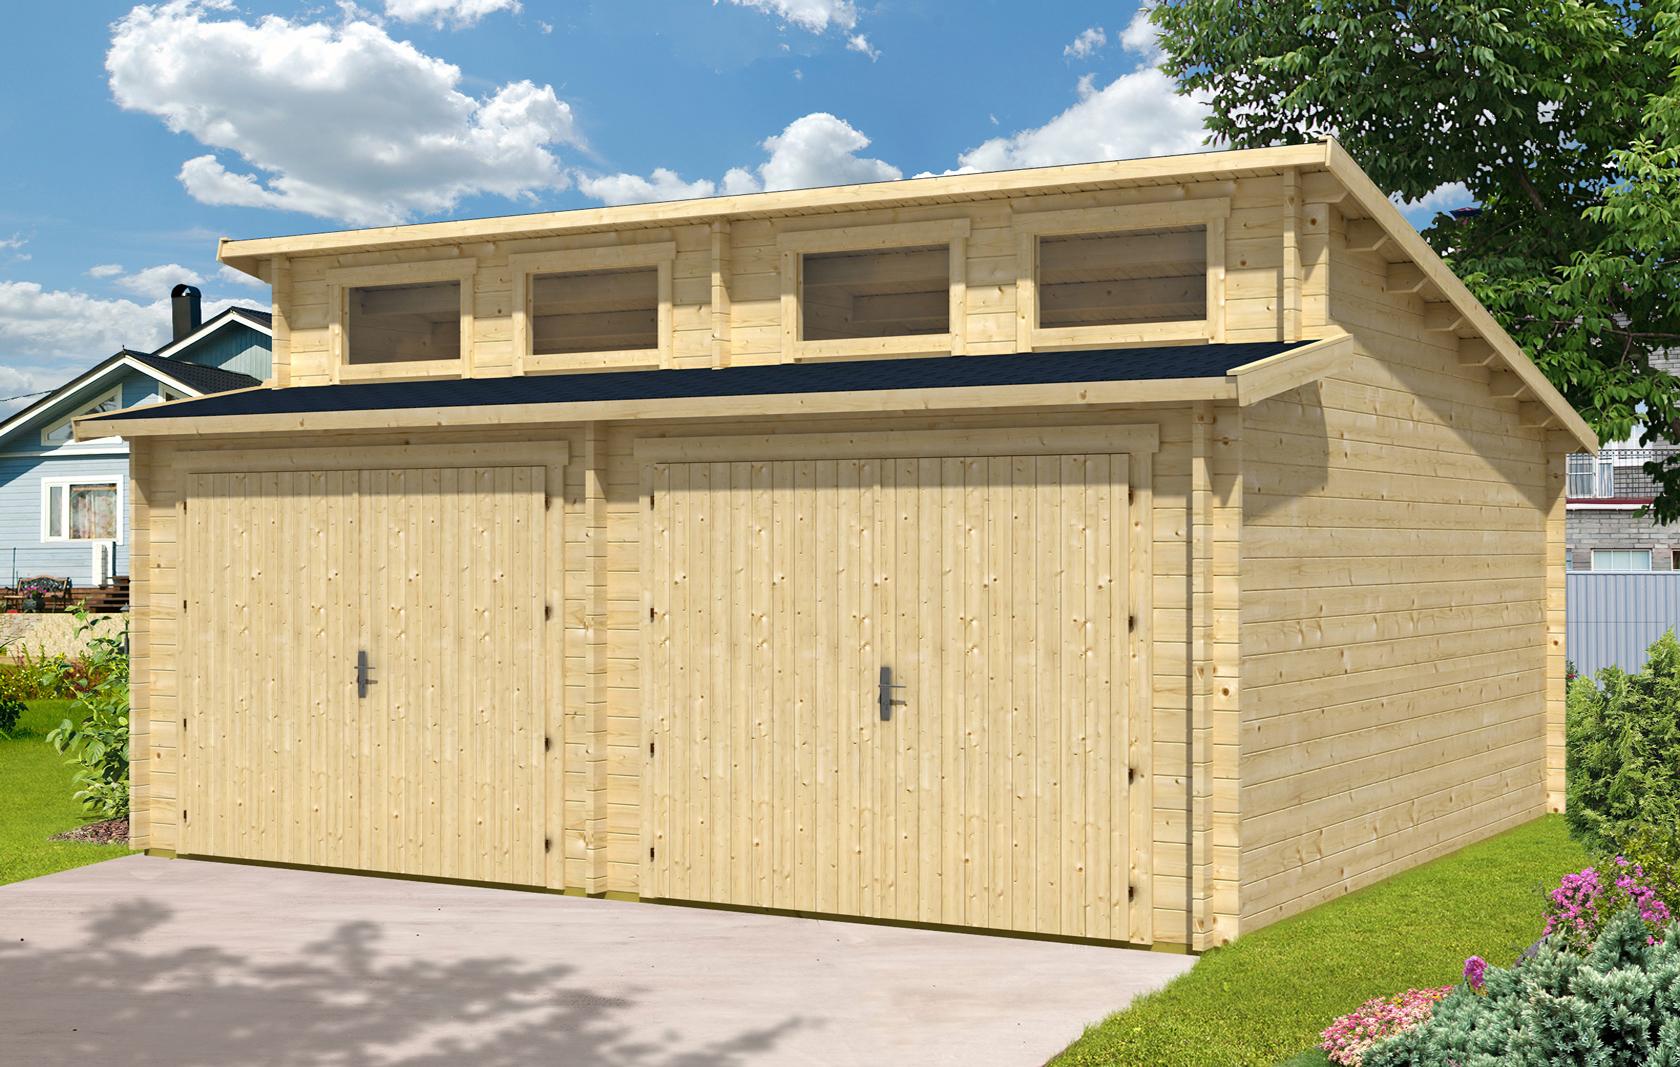 fundament fr garage kosten cheap bodenplatte garage strom telekom hausblog with fundament fr. Black Bedroom Furniture Sets. Home Design Ideas